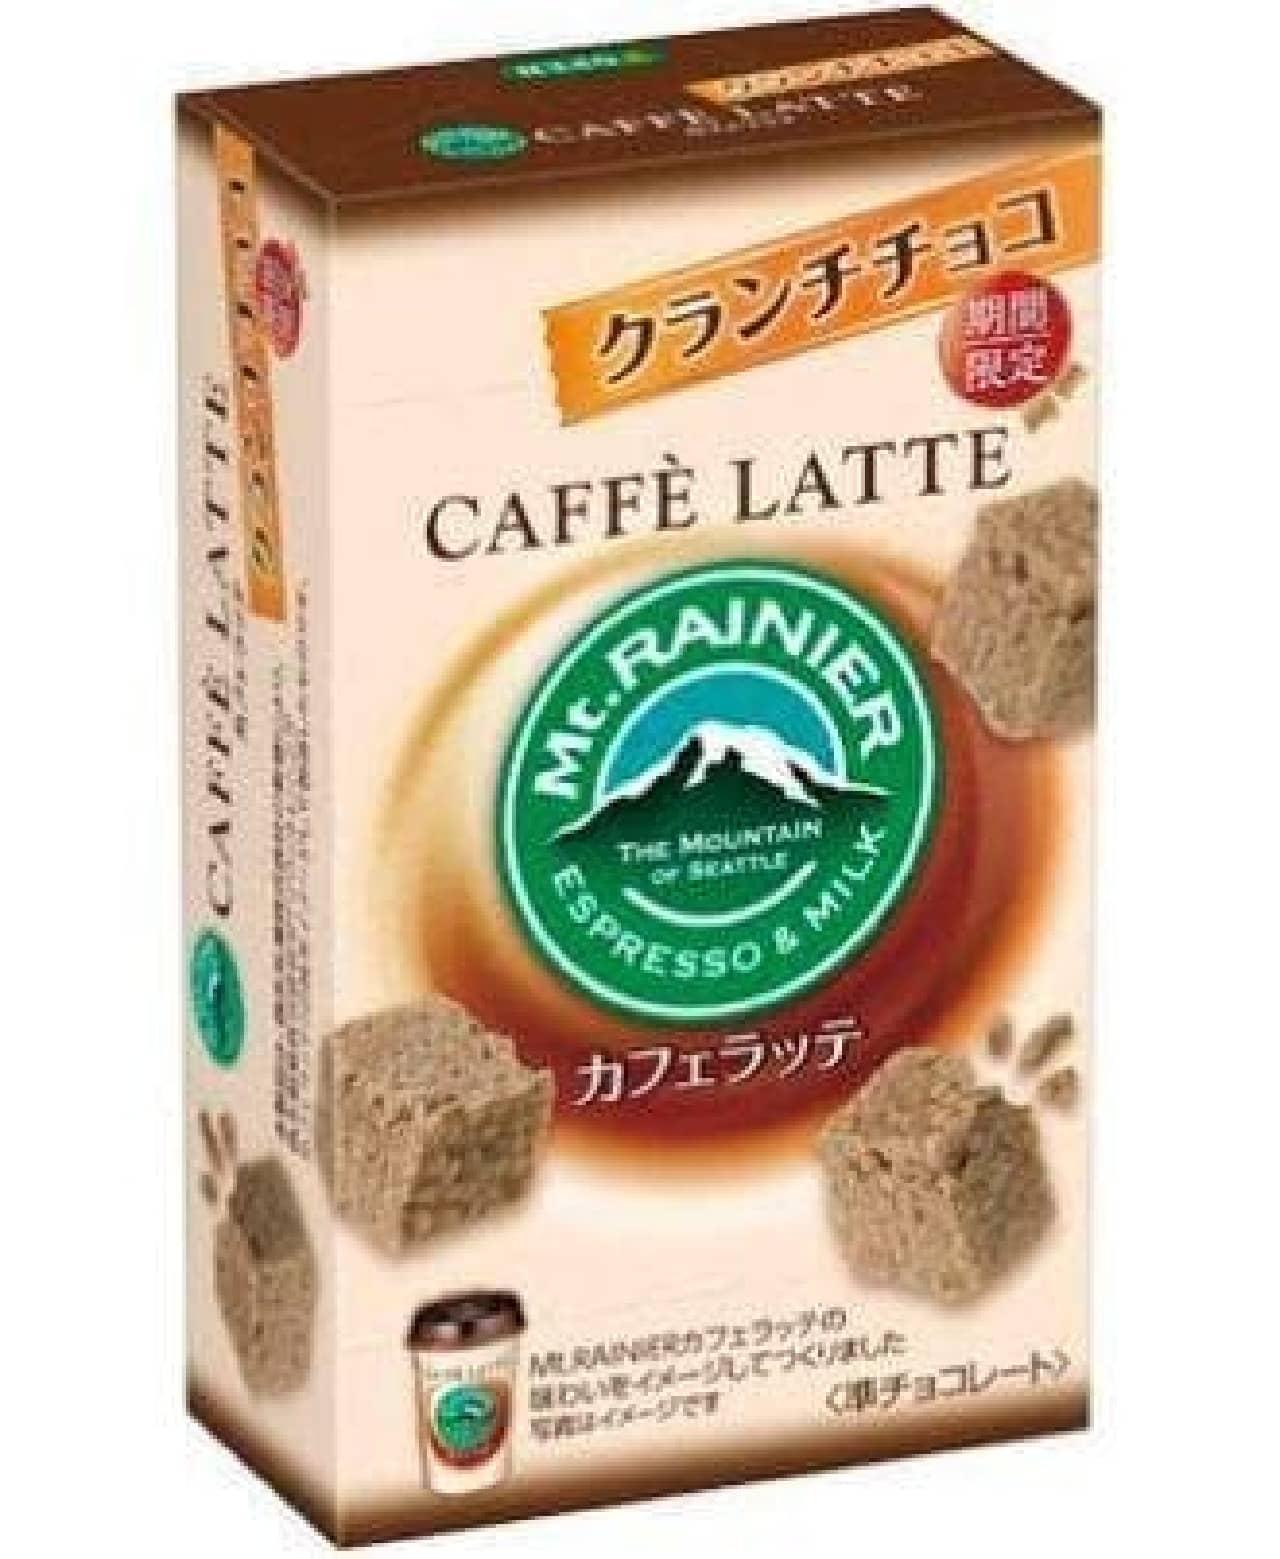 森永製菓「マウントレーニアクランチチョコ<カフェラッテ>」